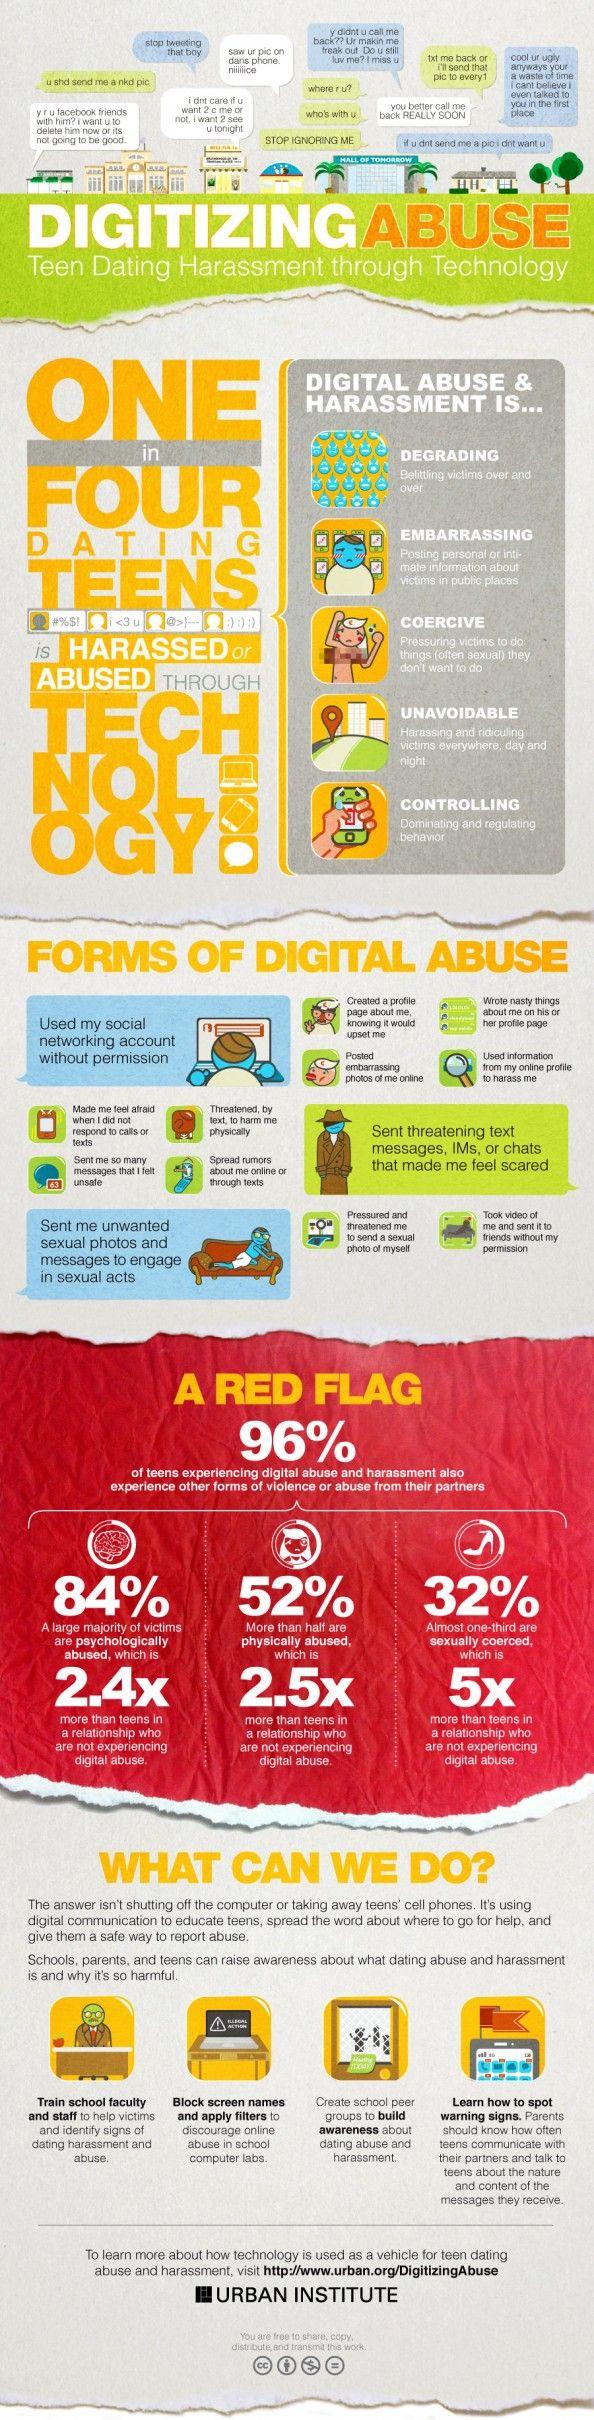 Digitizing Abuse